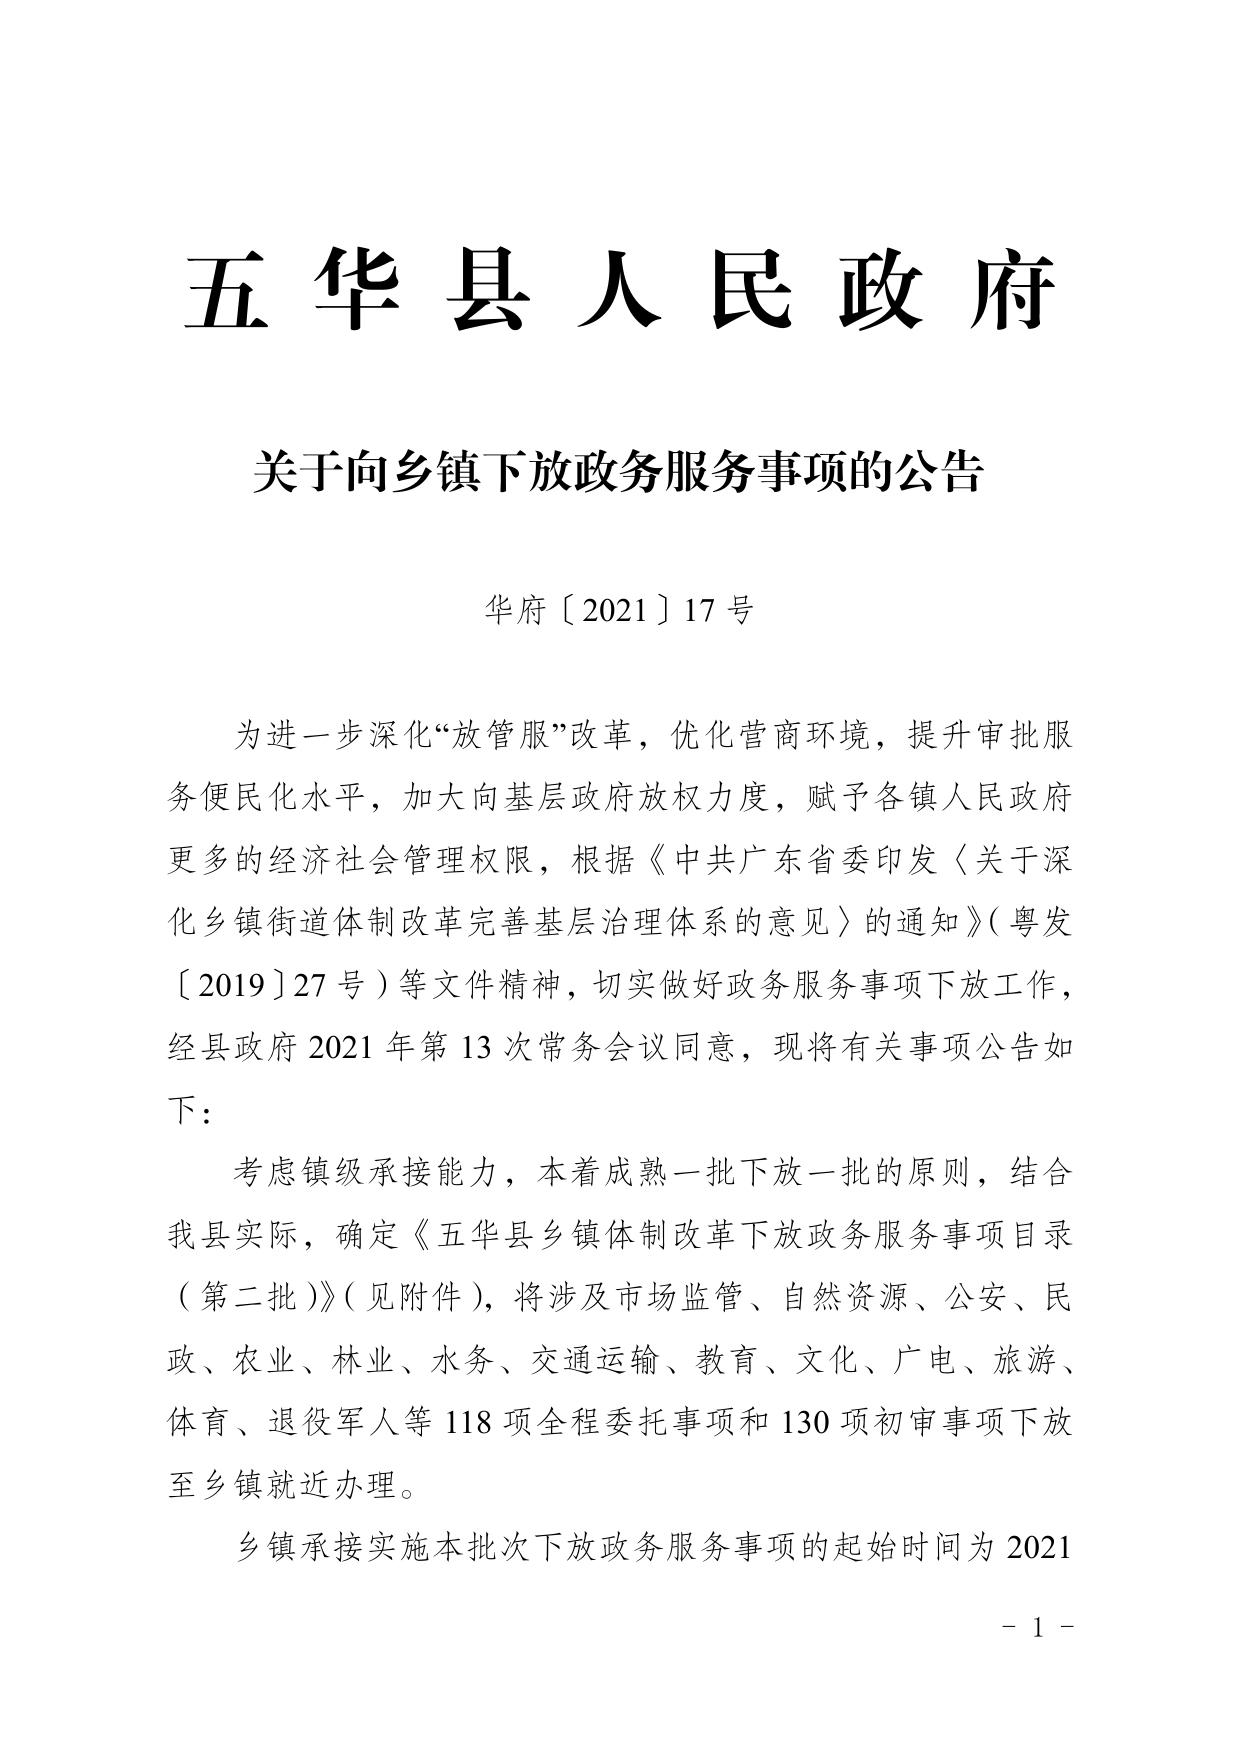 17号关于向乡镇下放政务服务事项的公告0000.jpg